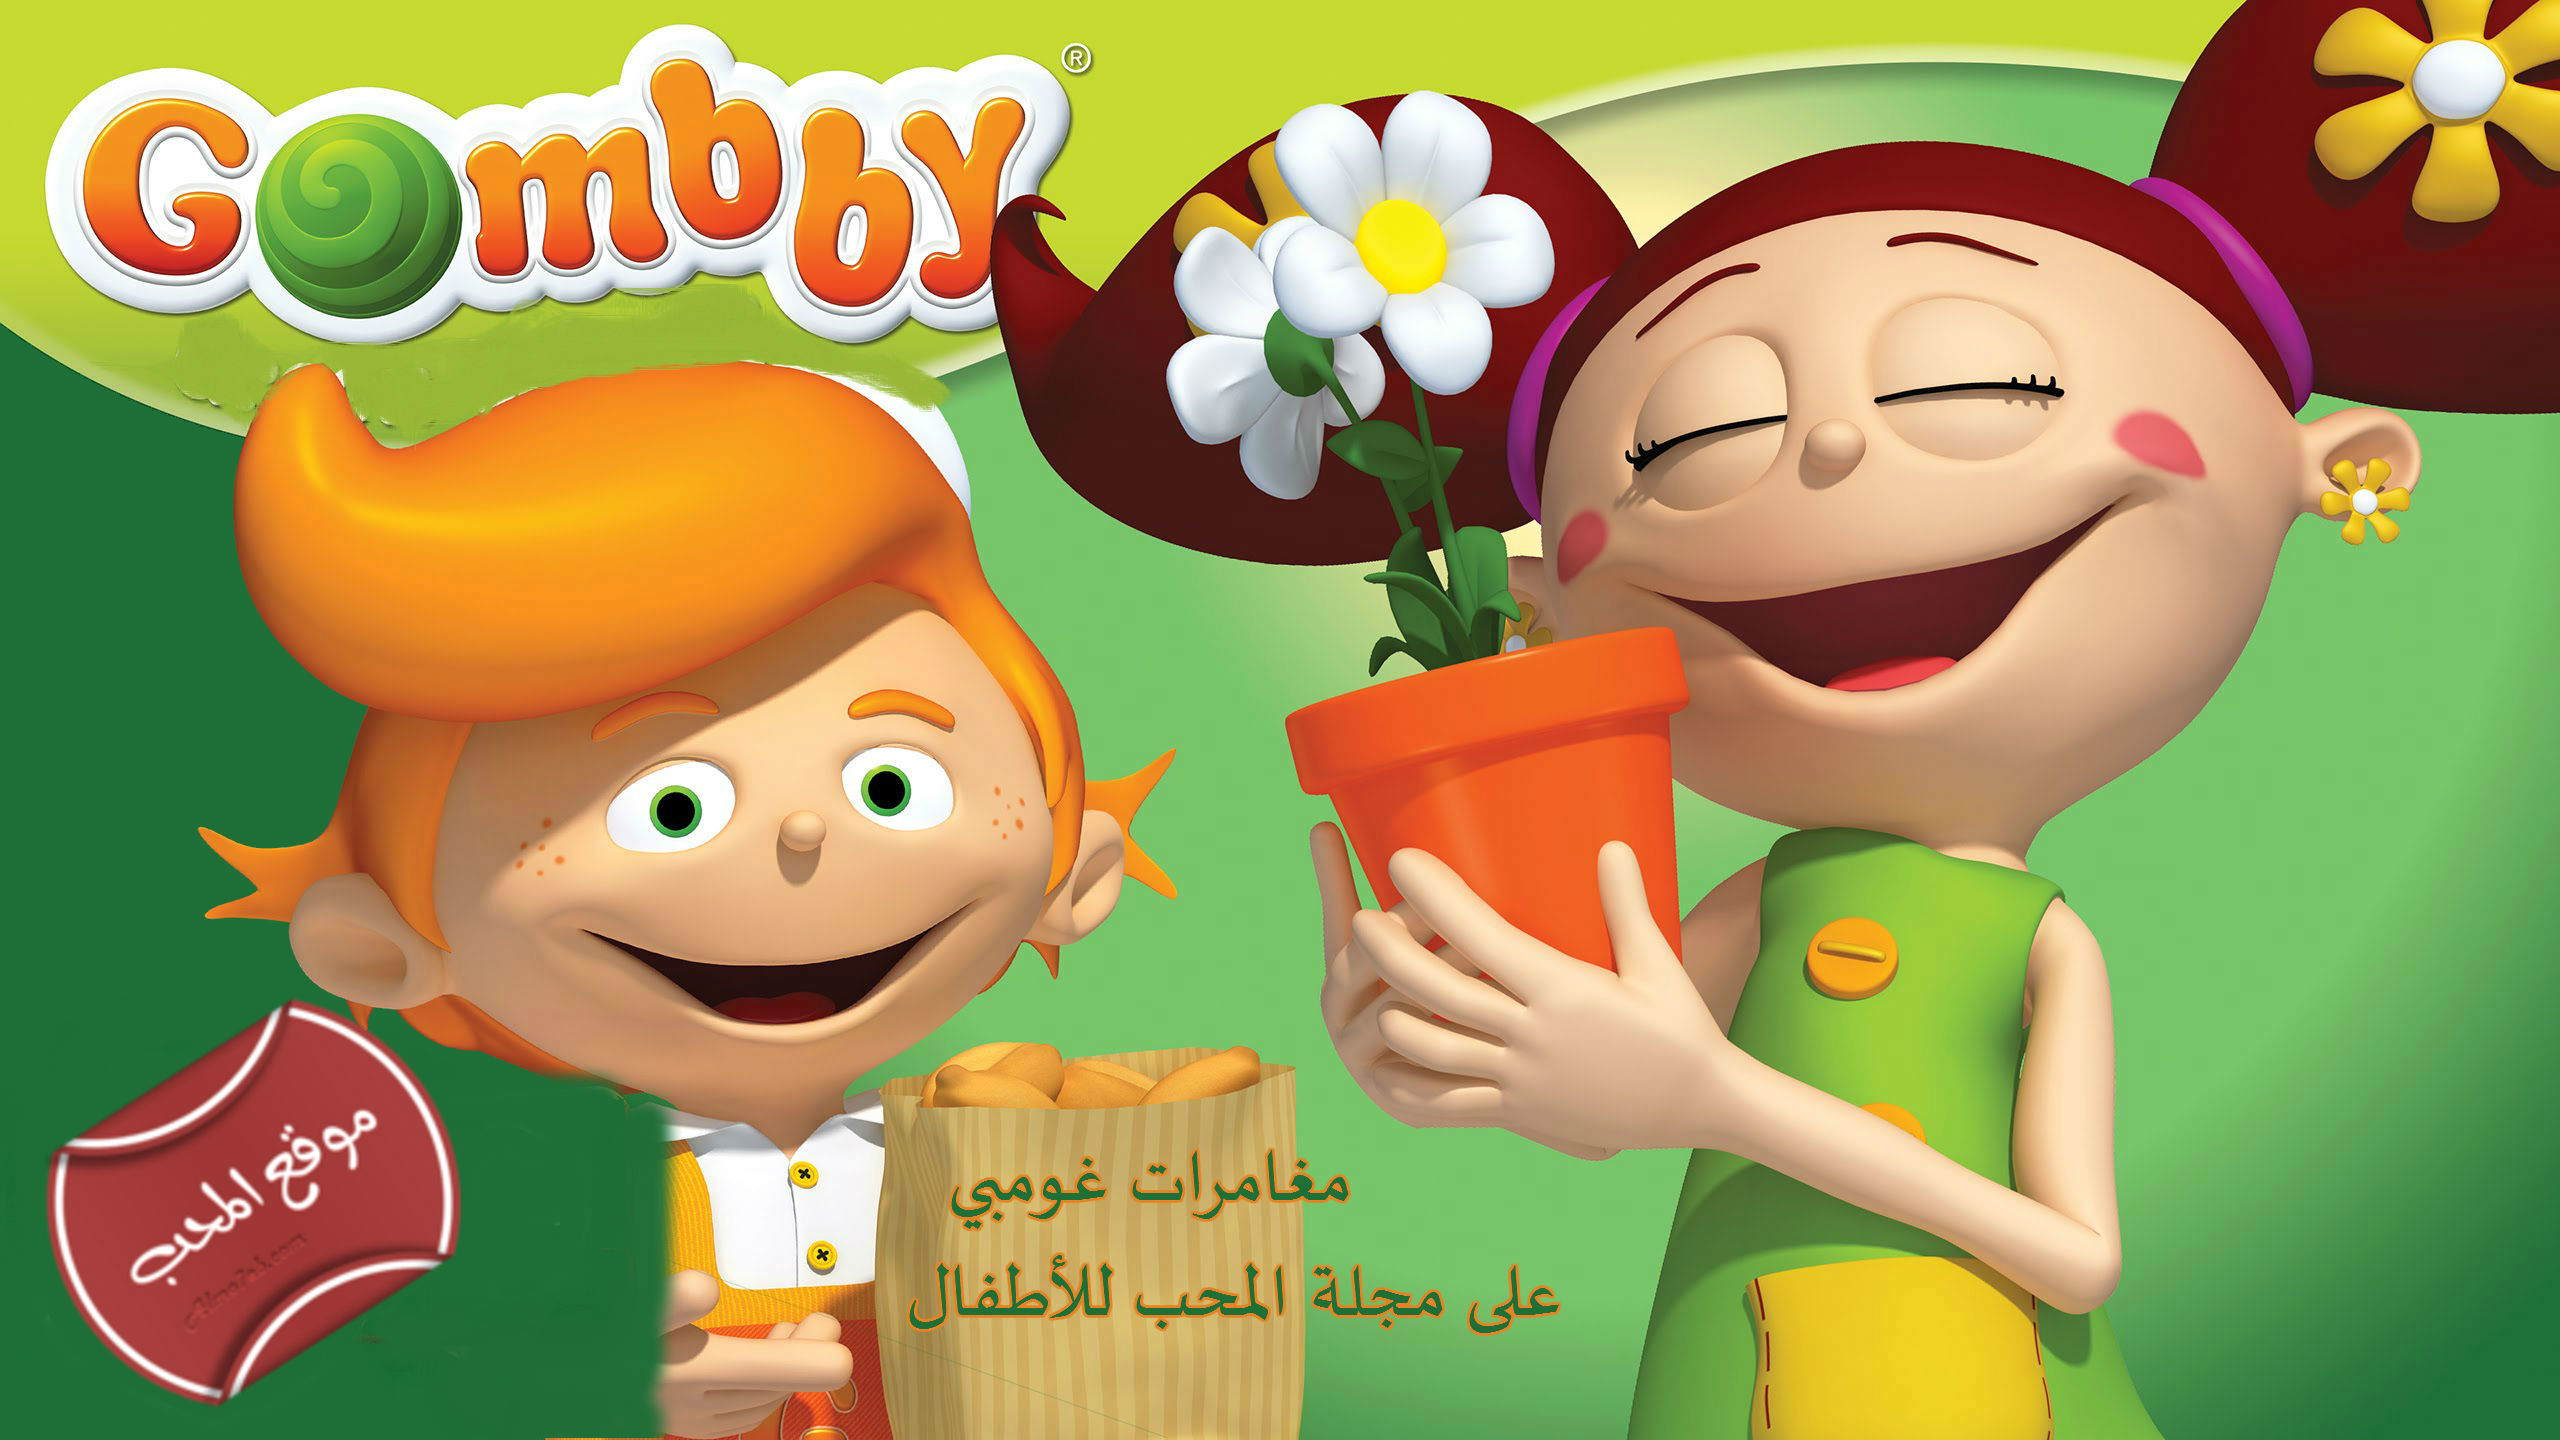 افلام كرتون عربية مجلة 13